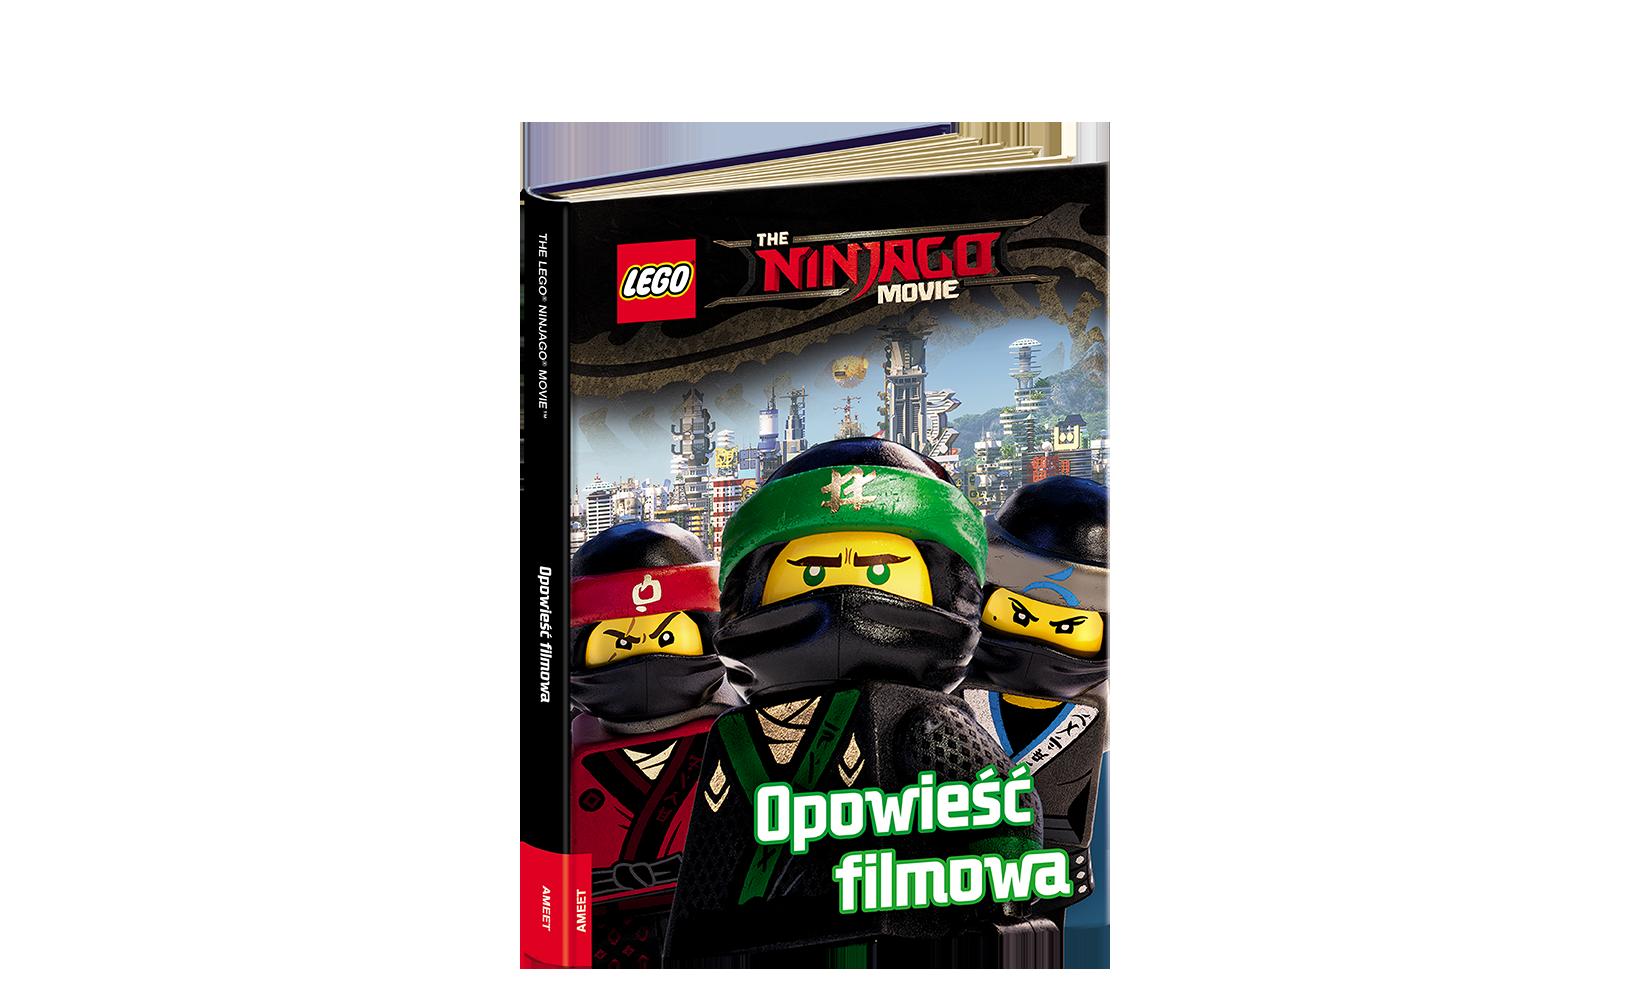 THE LEGO® NINJAGO® MOVIE™. Opowieść filmowa